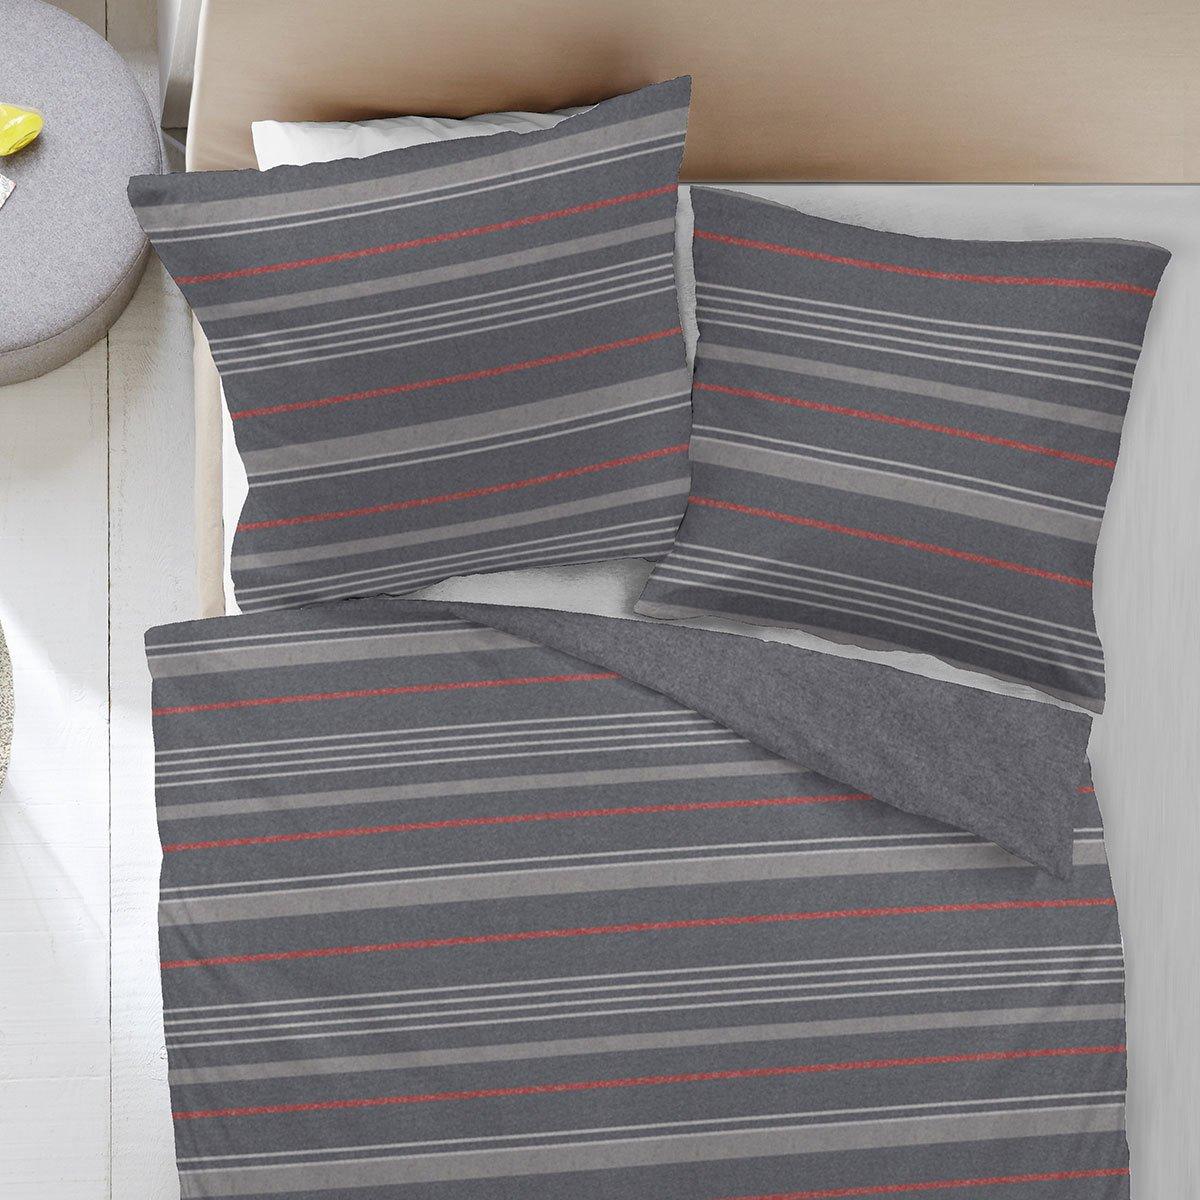 dormisette melange flanell wendebettw sche streifen g nstig online kaufen bei bettwaren shop. Black Bedroom Furniture Sets. Home Design Ideas